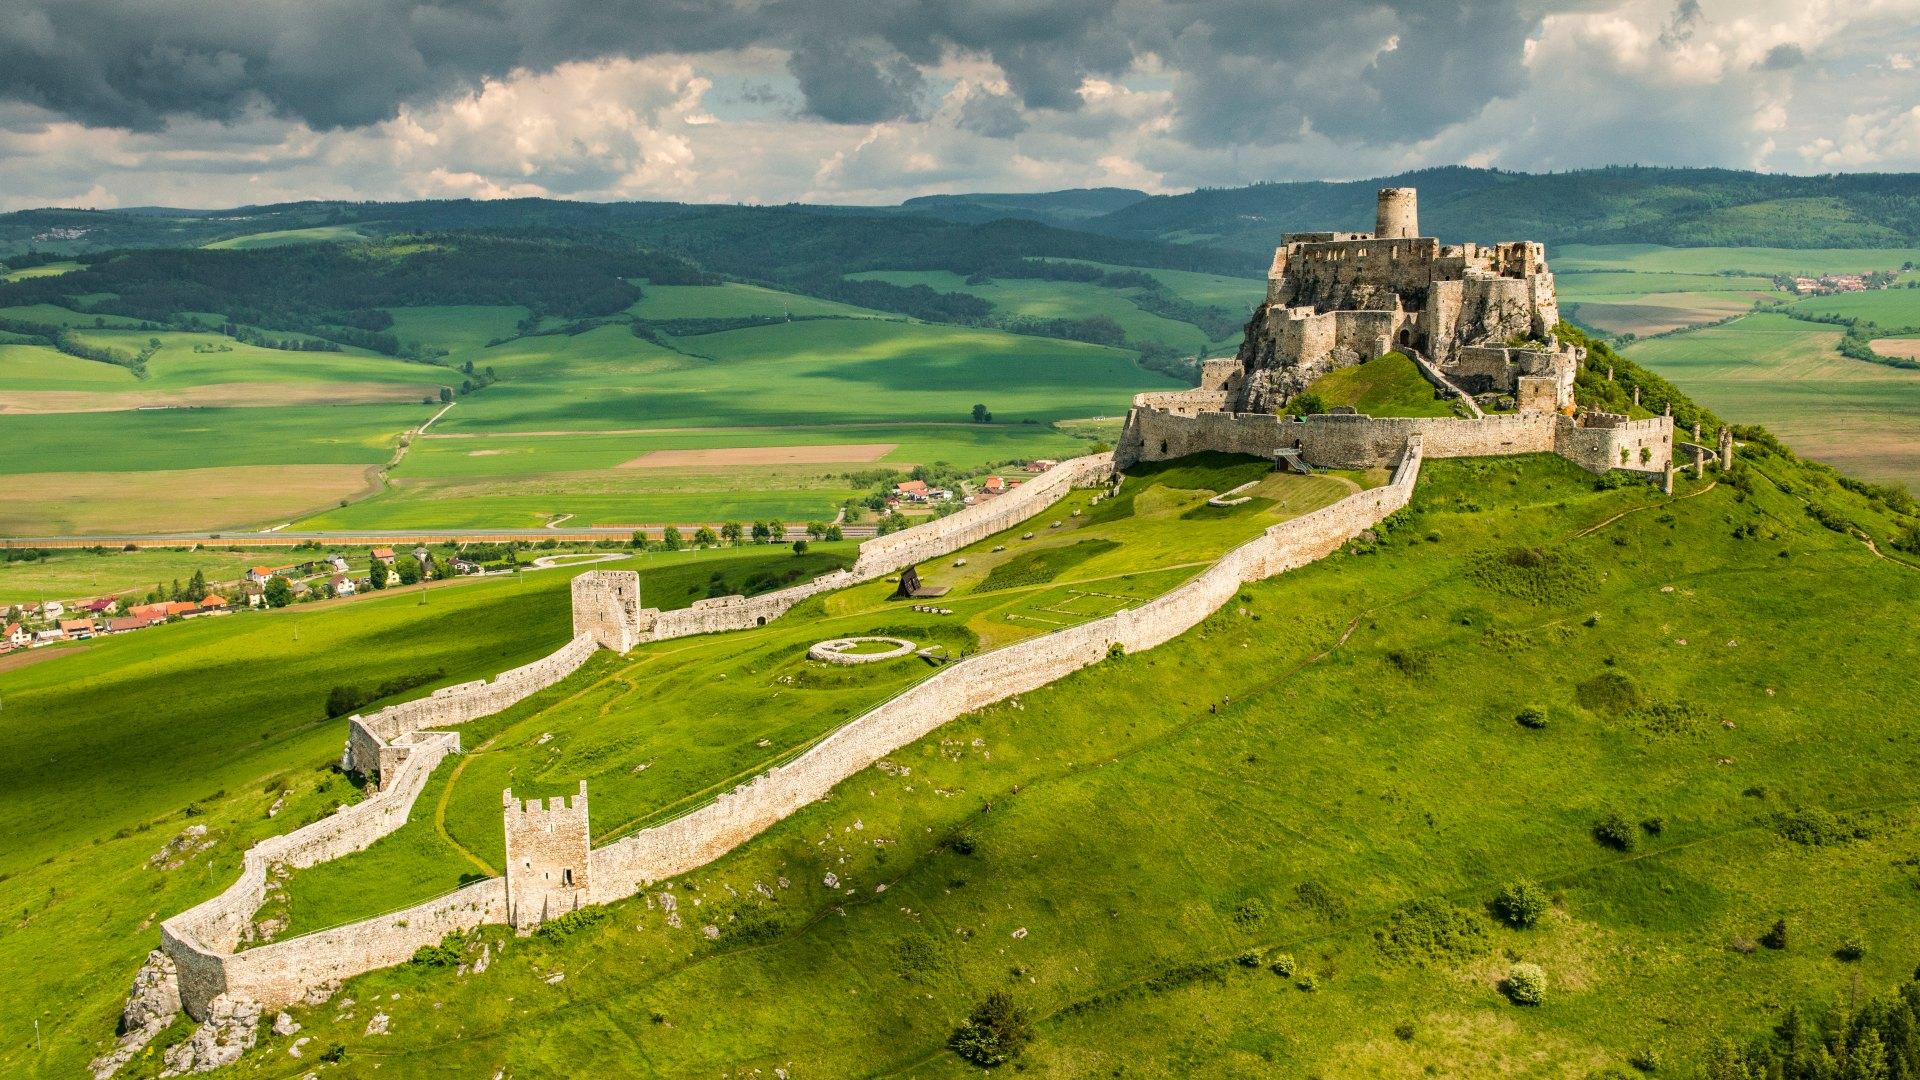 Mapy Slovenska ke stažení – Výběr 12 skvělých map